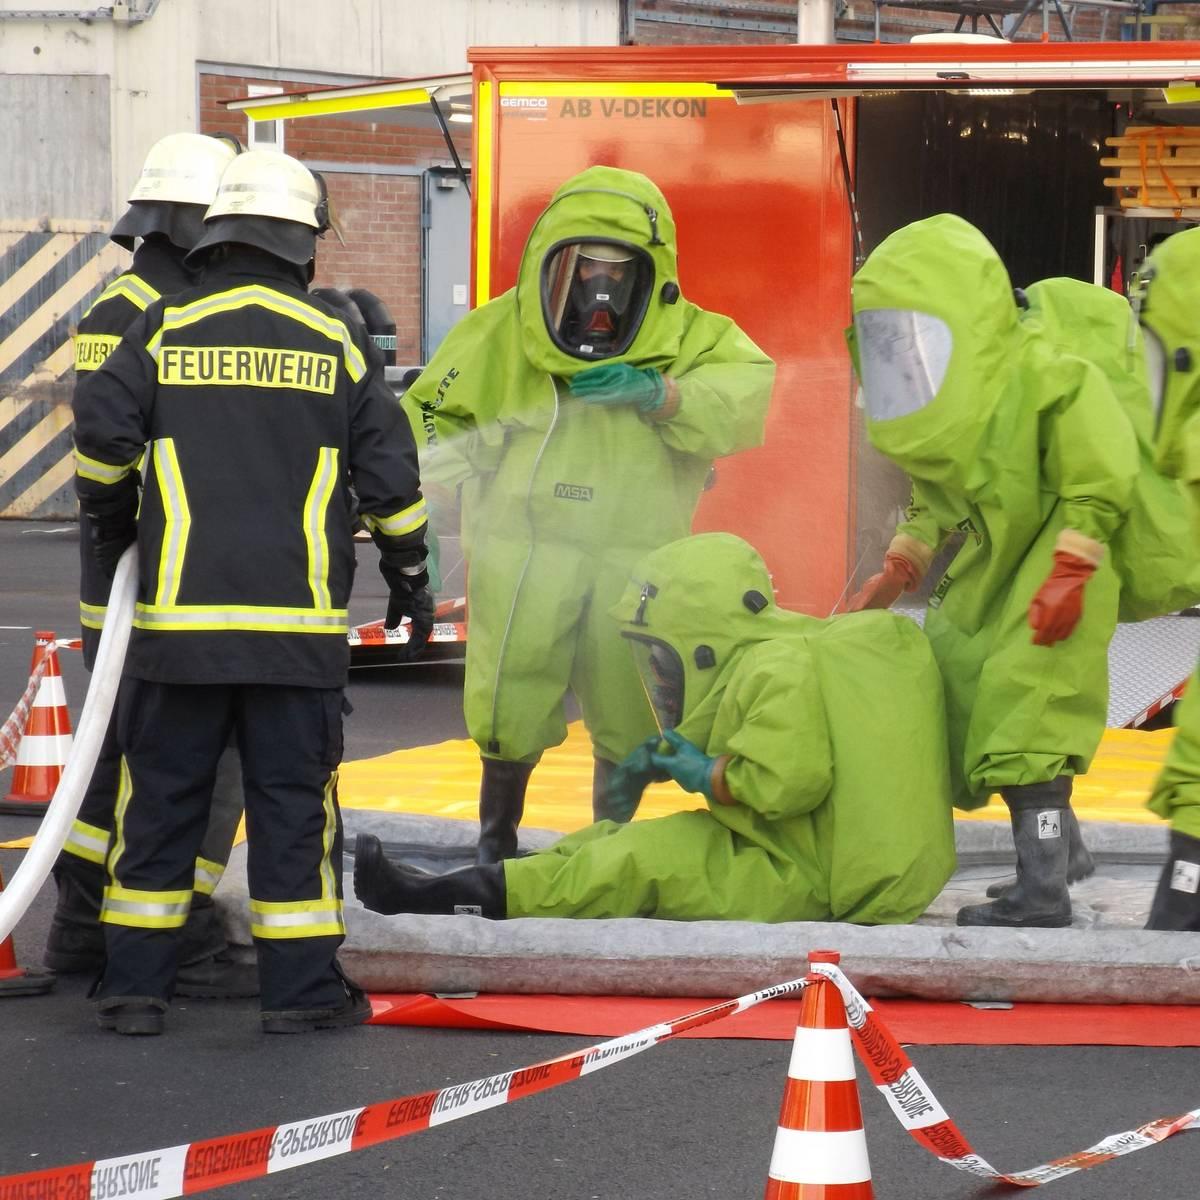 Feuerwehreinsatz Pulheim Heute